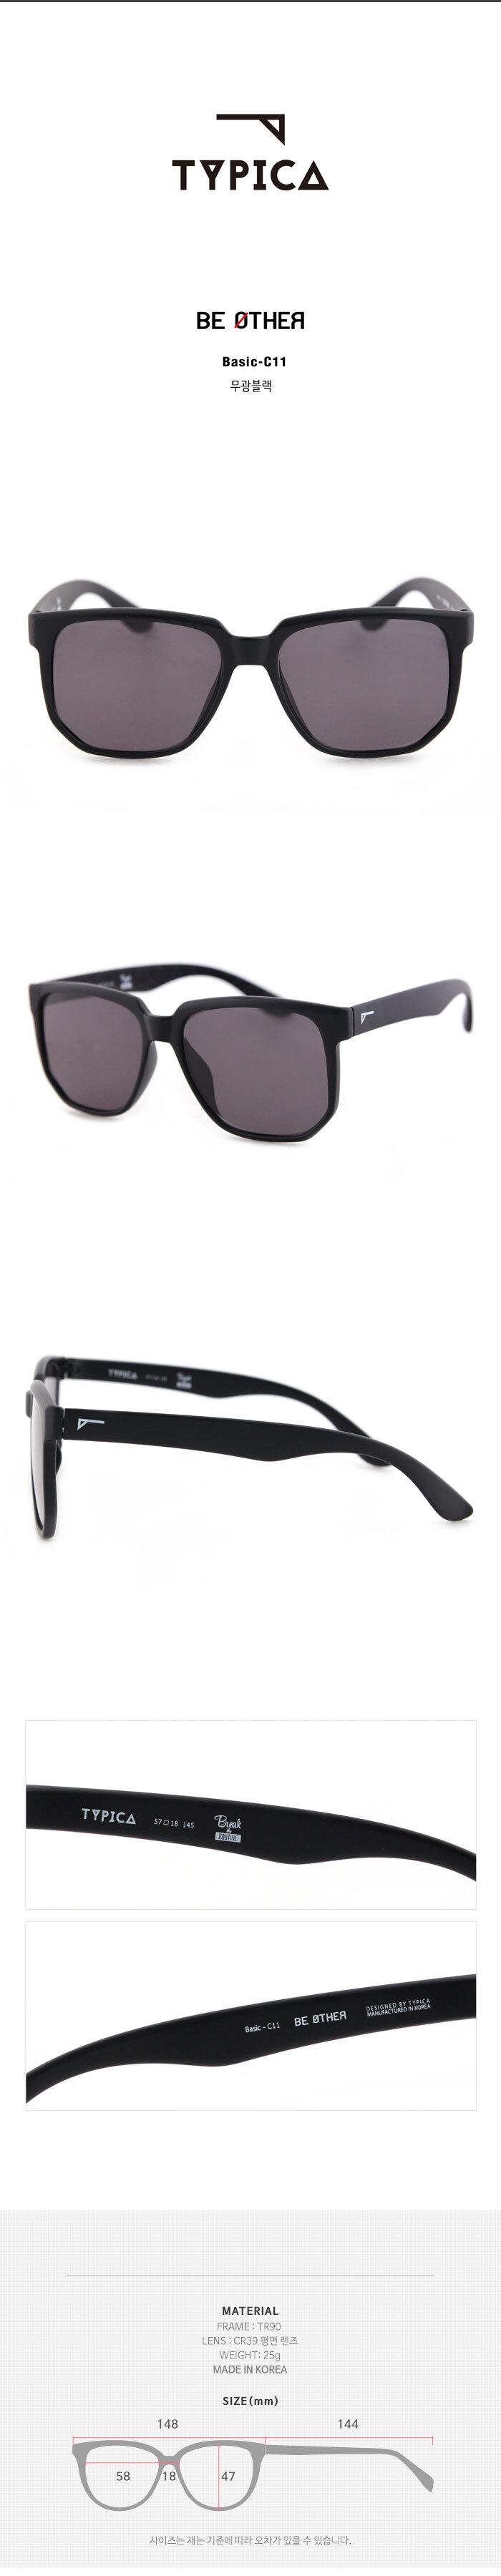 티피카(TYPICA) BE OTHER Basic-C11 무광블랙 패션선글라스